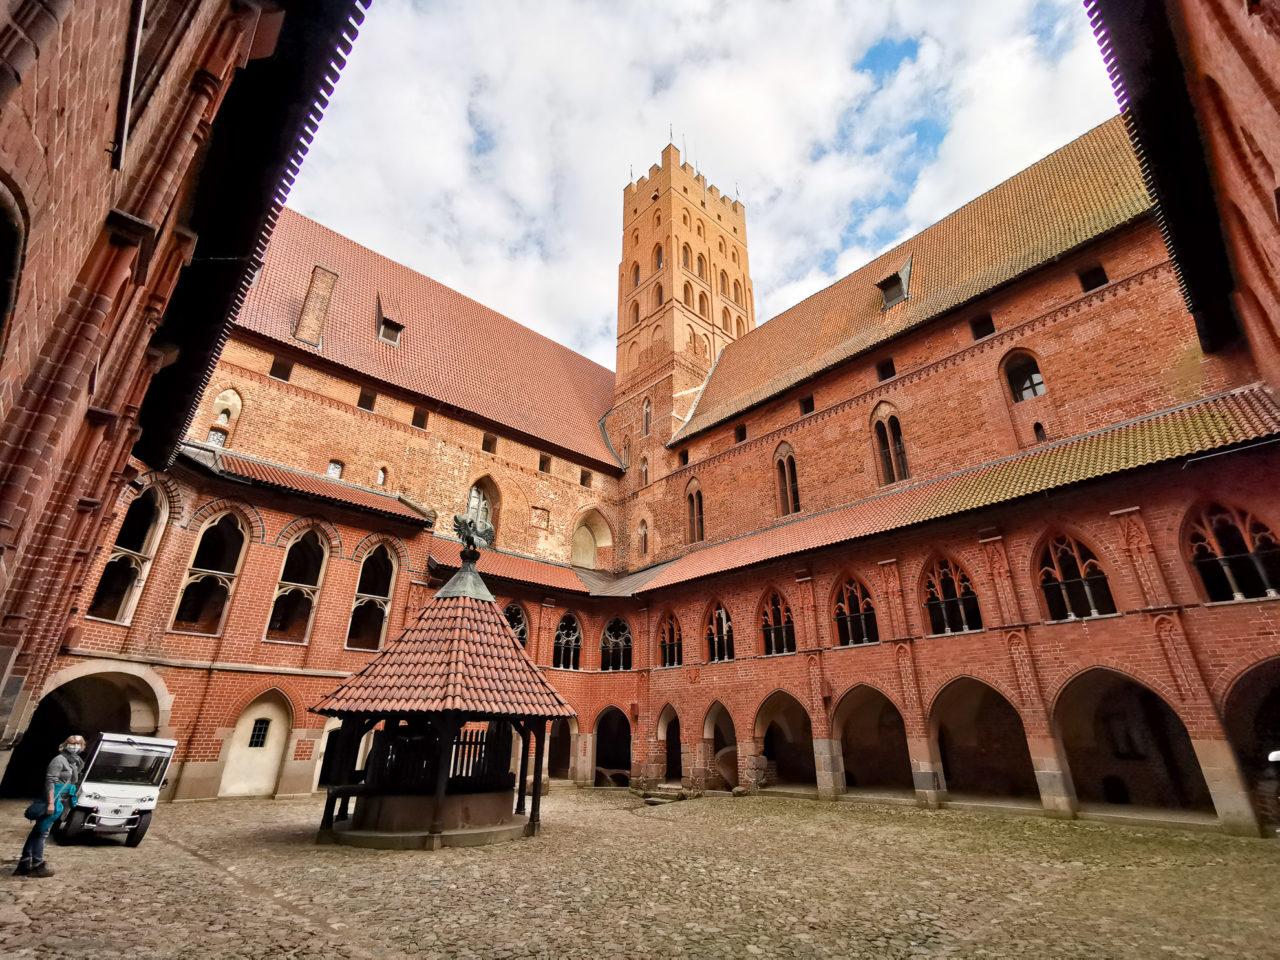 2020-10-09_13-52-30_Marienburg_IMG_20201009_135226-1600